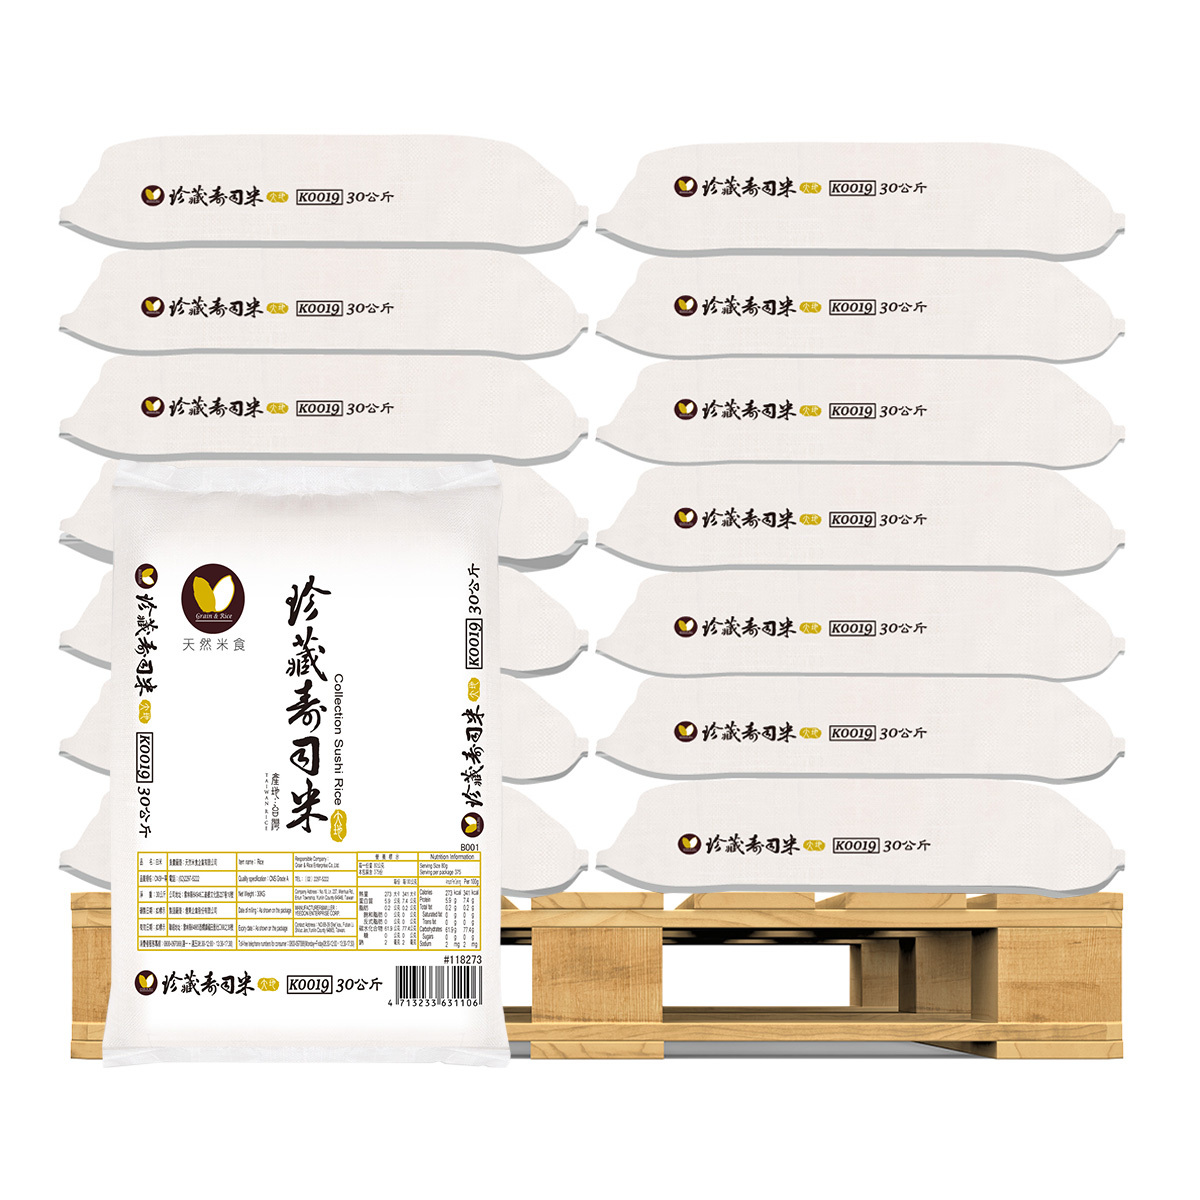 天然米食珍藏壽司米30公斤 X 35包